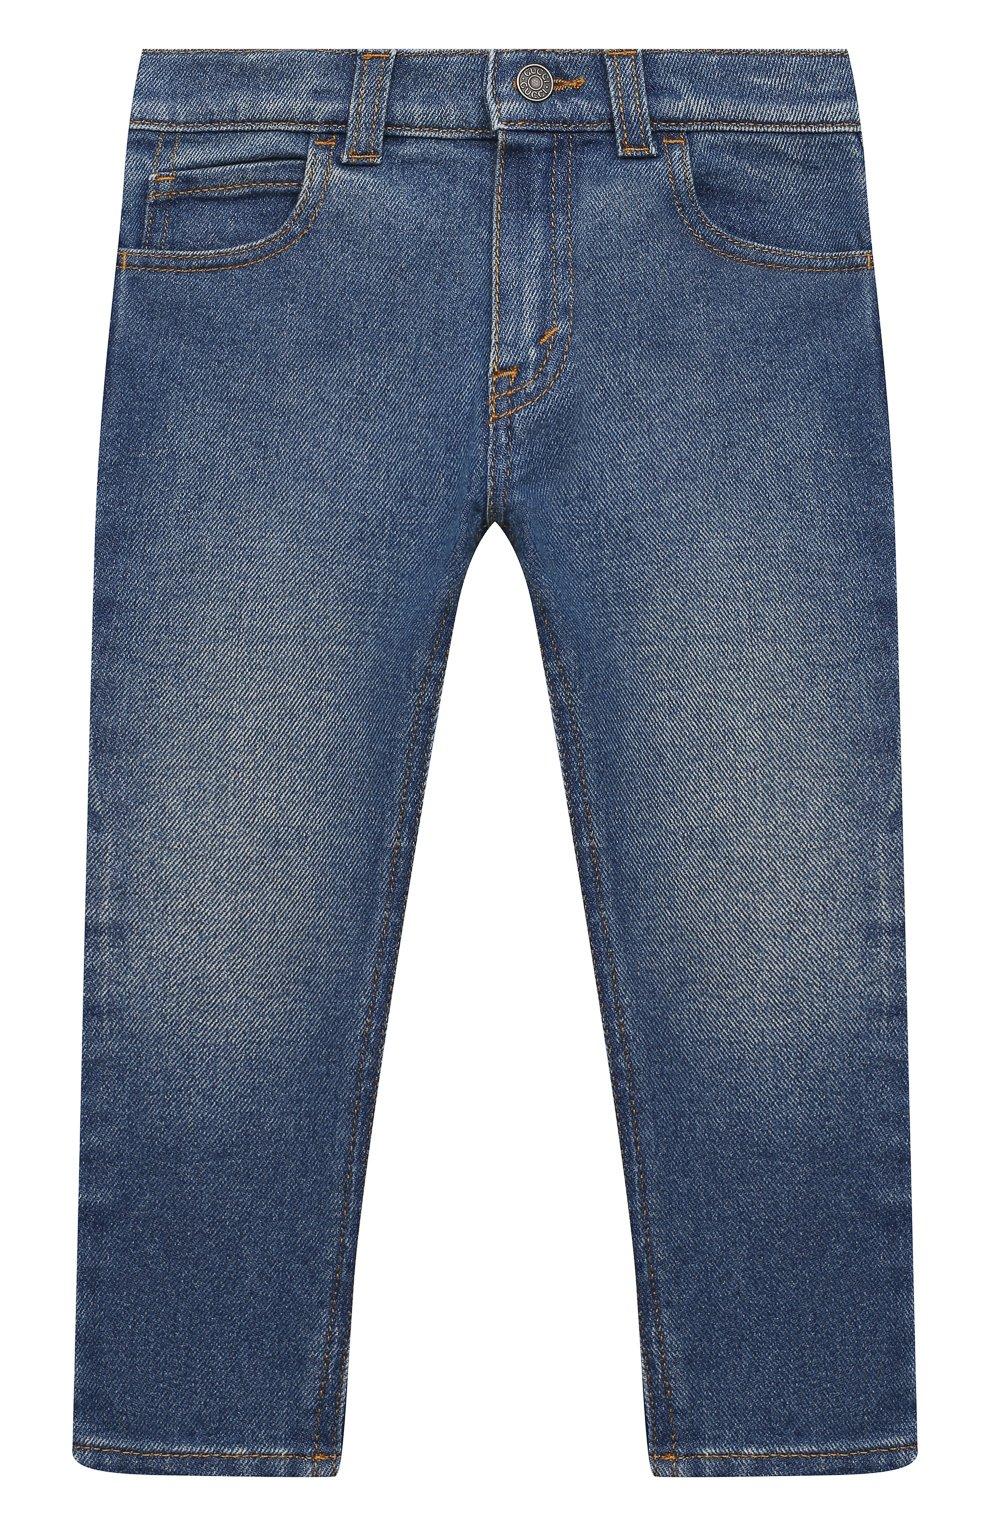 Детские джинсы GUCCI темно-синего цвета, арт. 657868/XDBP0 | Фото 1 (Материал внешний: Хлопок; Ростовка одежда: 12 мес | 80 см, 18 мес | 86 см, 24 мес | 92 см, 36 мес | 98 см)